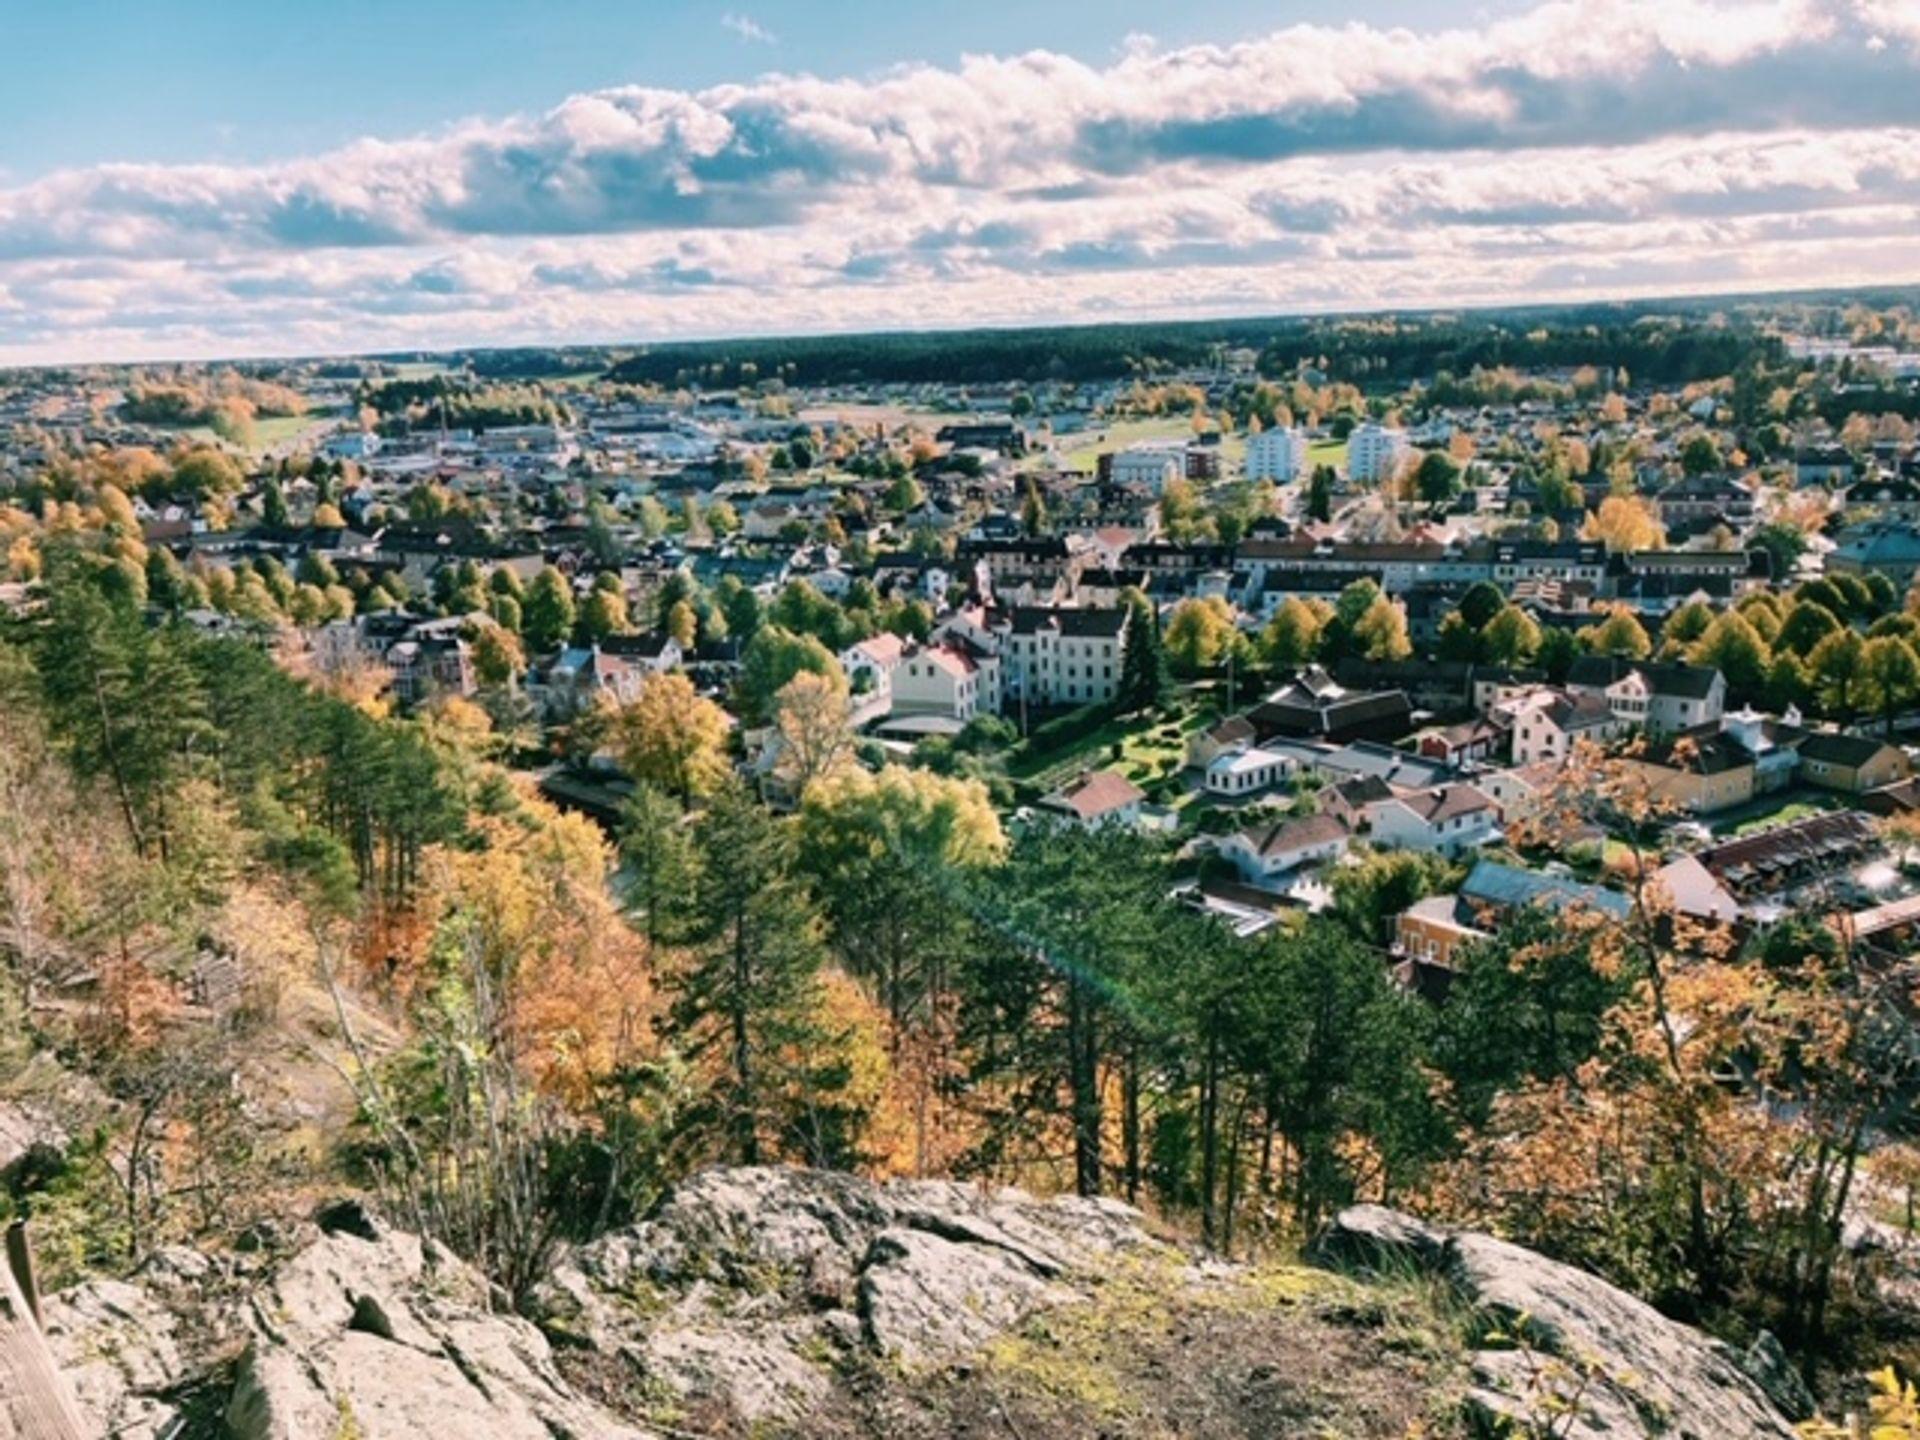 Cliffs overlooking Söderköping.